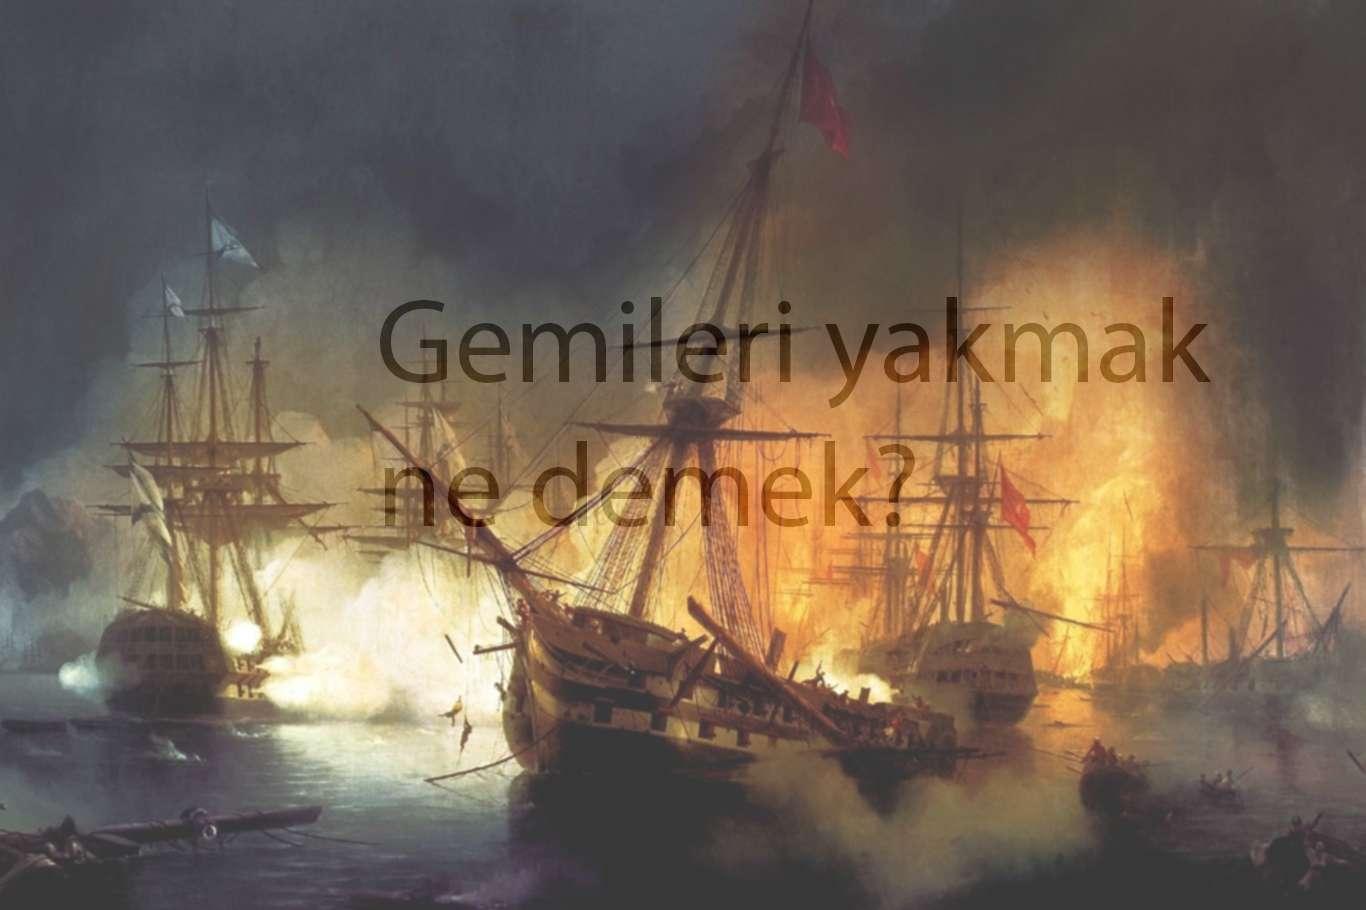 Gemileri yakmak ne demek, deyimin hikayesi nereden gelir?